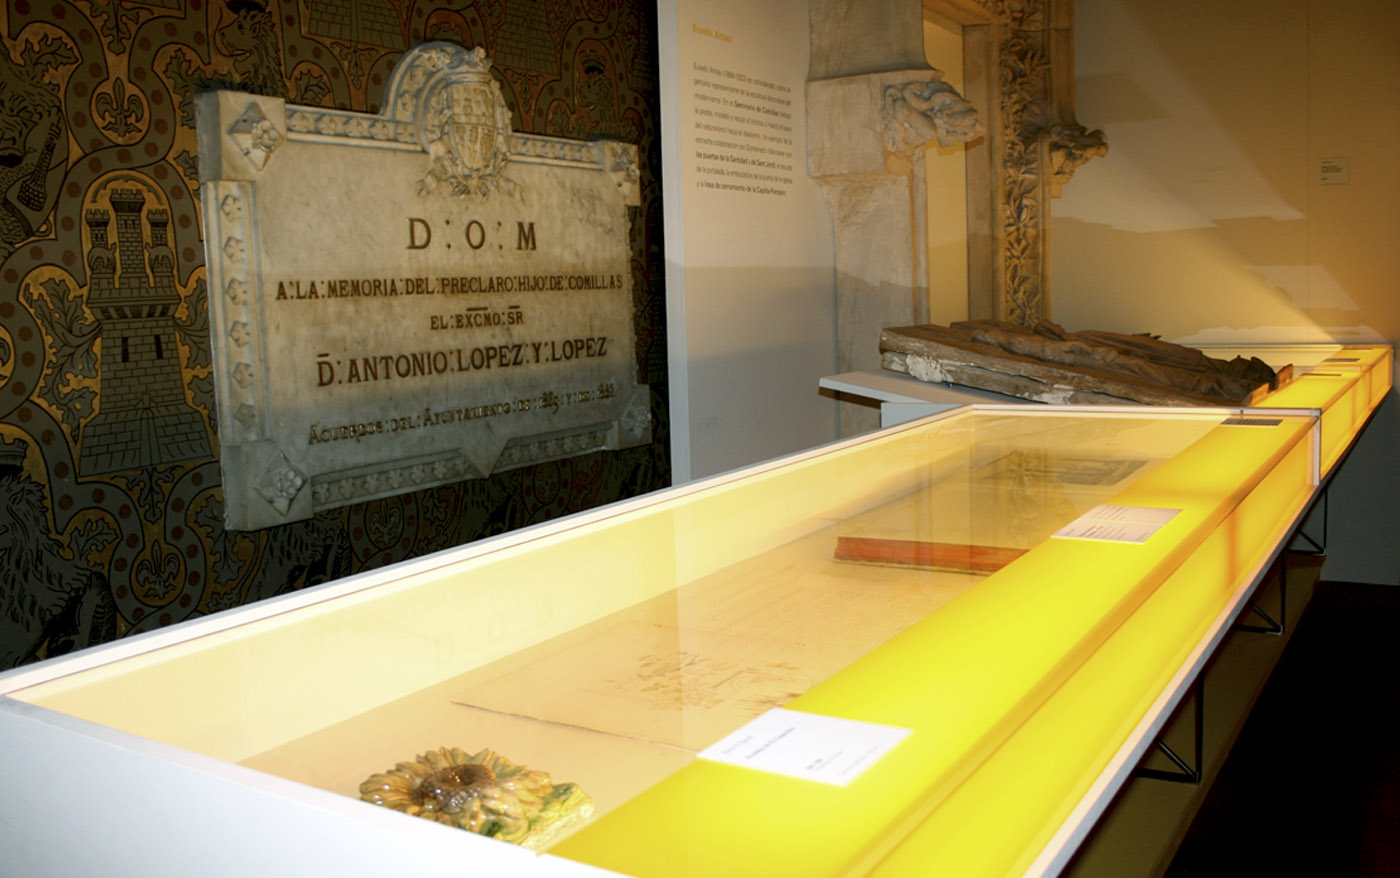 expo-comillas-diseño-modernismo-caixaforum-creartiva-barcelona